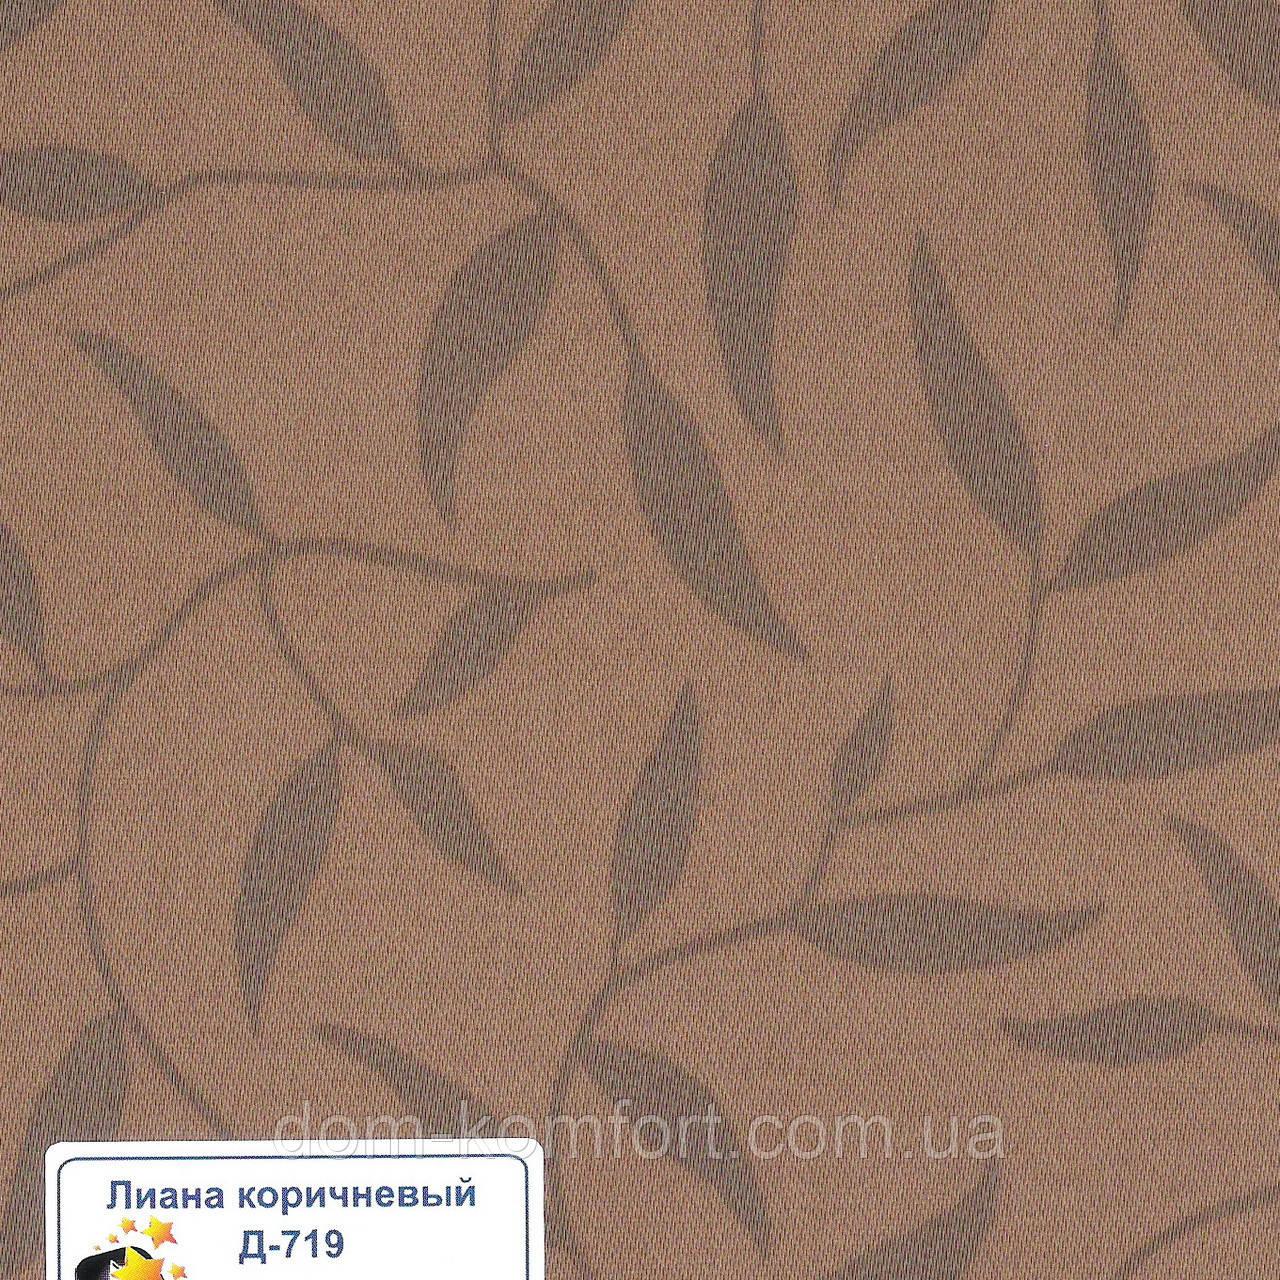 Рулонные шторы Ткань Лиана Коричневый